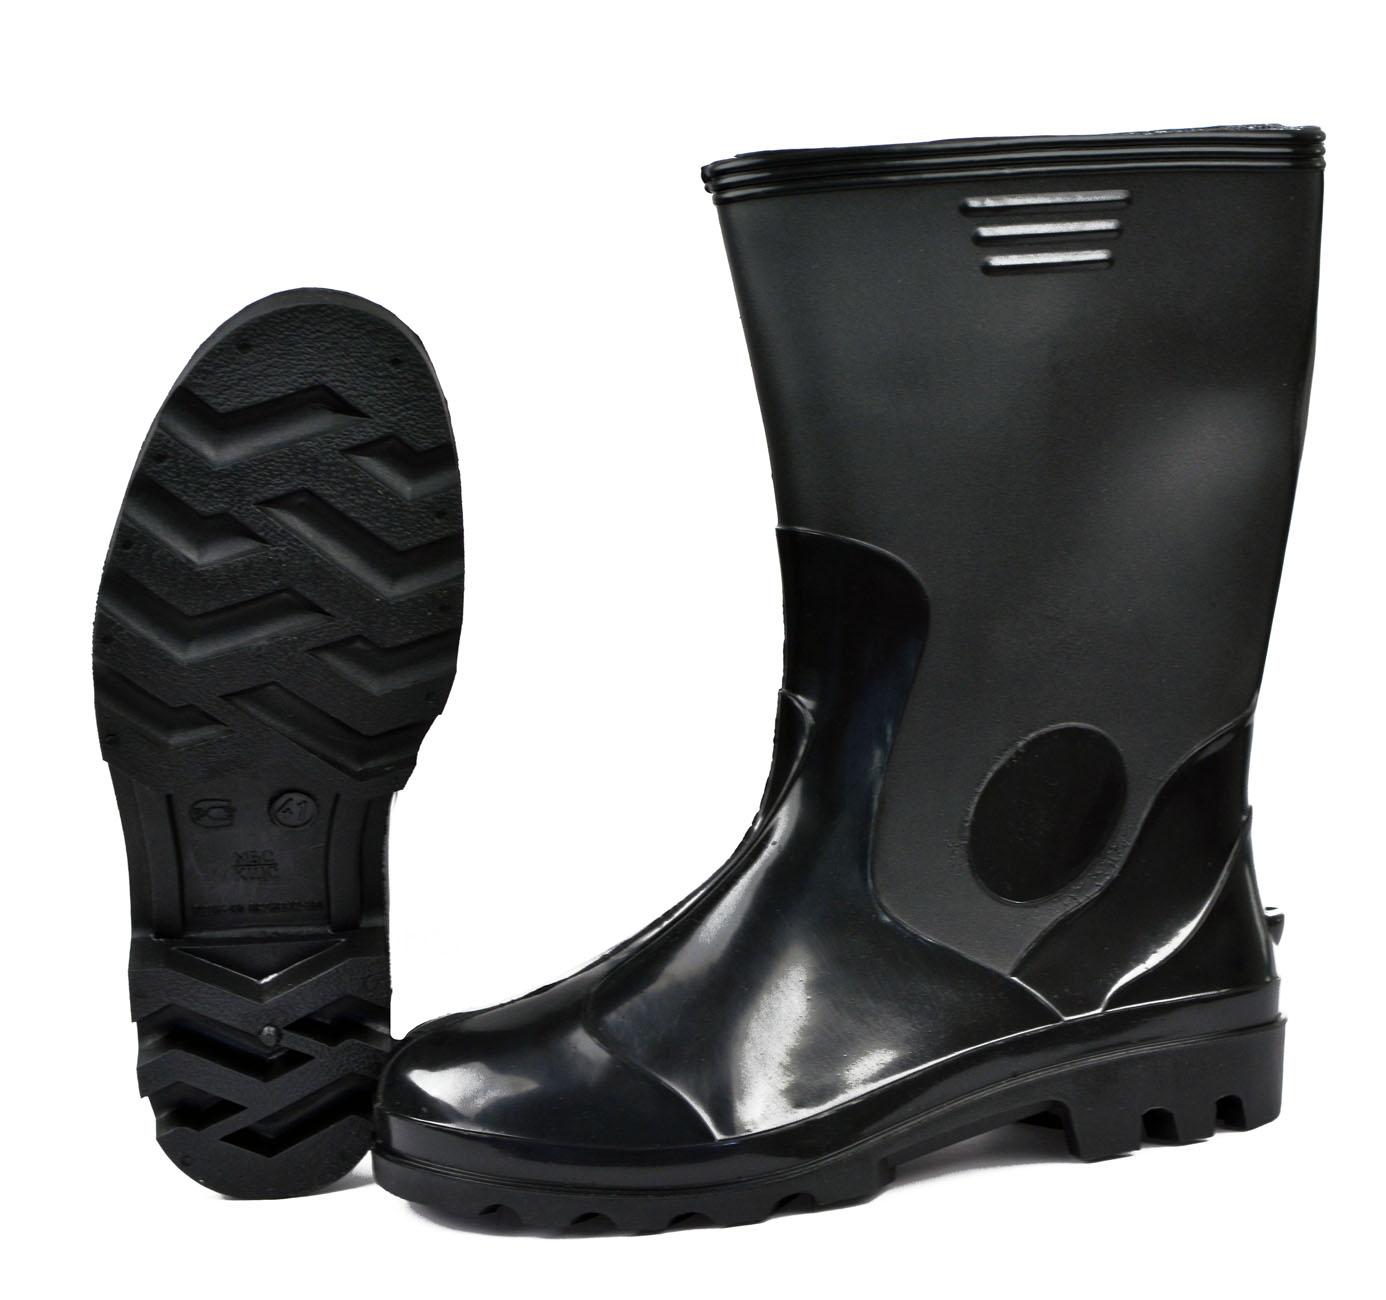 Сапоги ПВХ - Лайт МБС, КЩС мужские черные Сапоги для активного отдыха<br>Обувь для защиты от воды, слабых растворов <br>кислот и щелочей, нефтепродуктов. Высота <br>30 см.<br><br>Пол: мужской<br>Сезон: лето<br>Цвет: черный<br>Материал: поливинилхлорид (ПВХ)МБС, КЩС